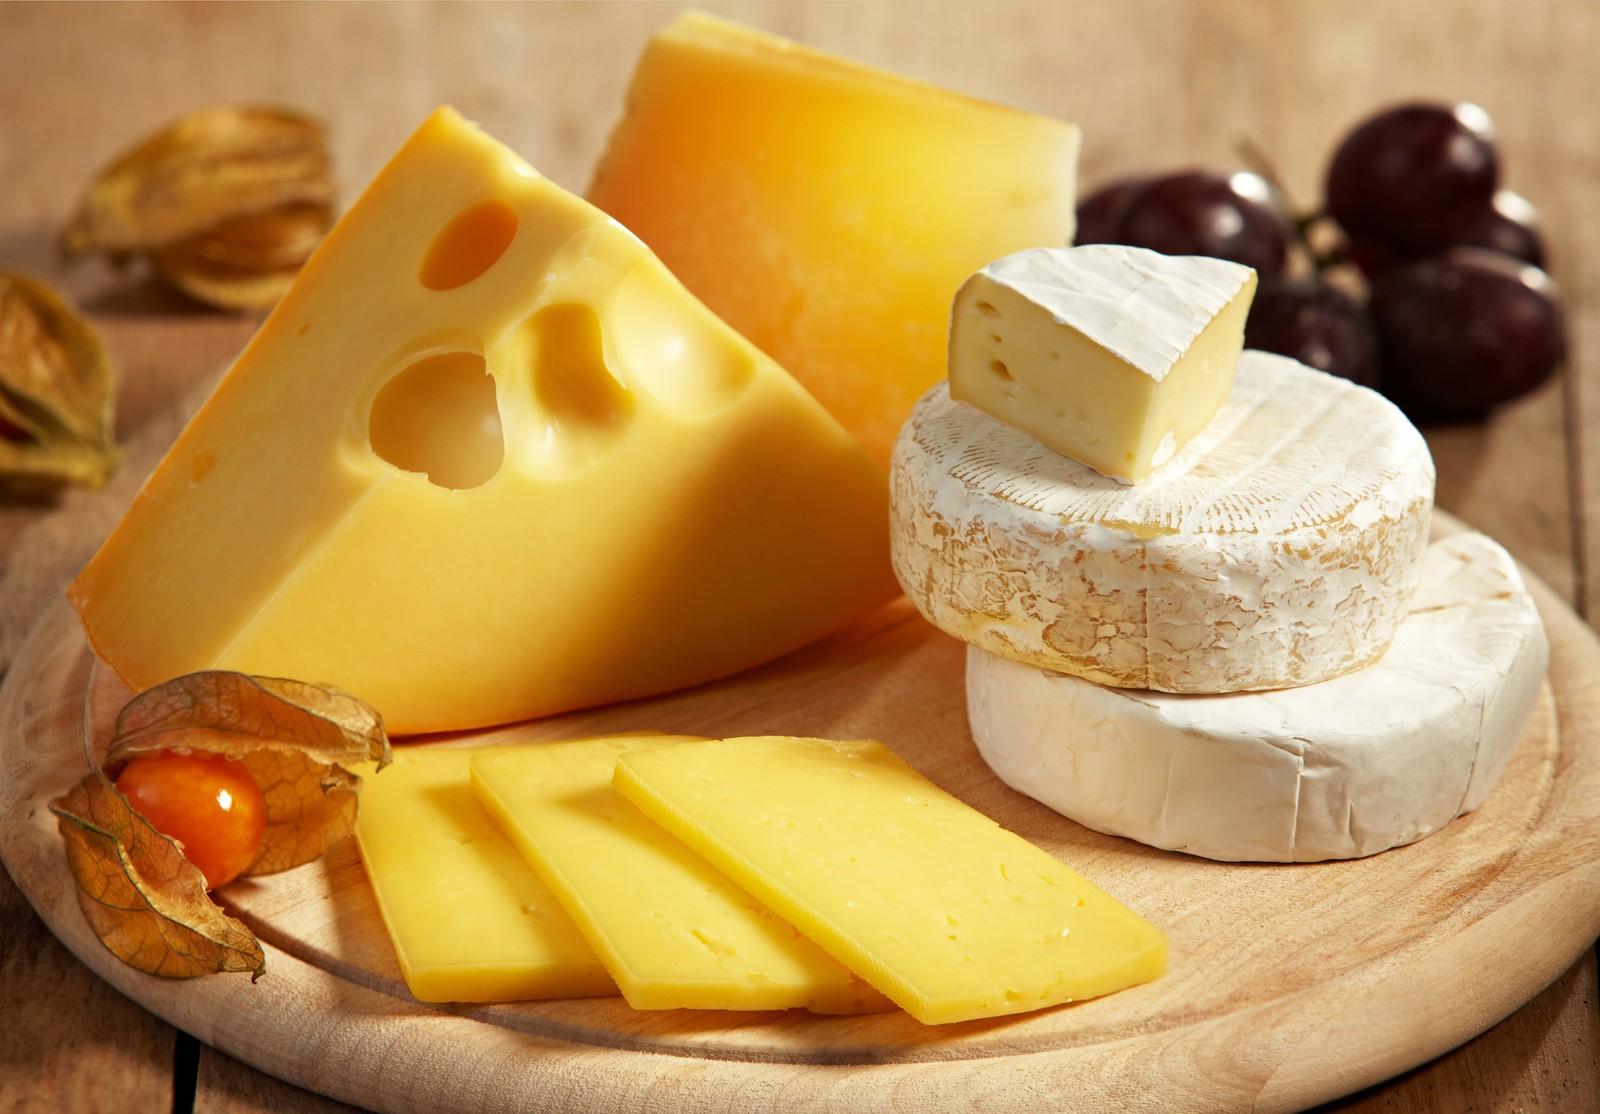 Wann haben die Leute begonnen, Käse zu essen?